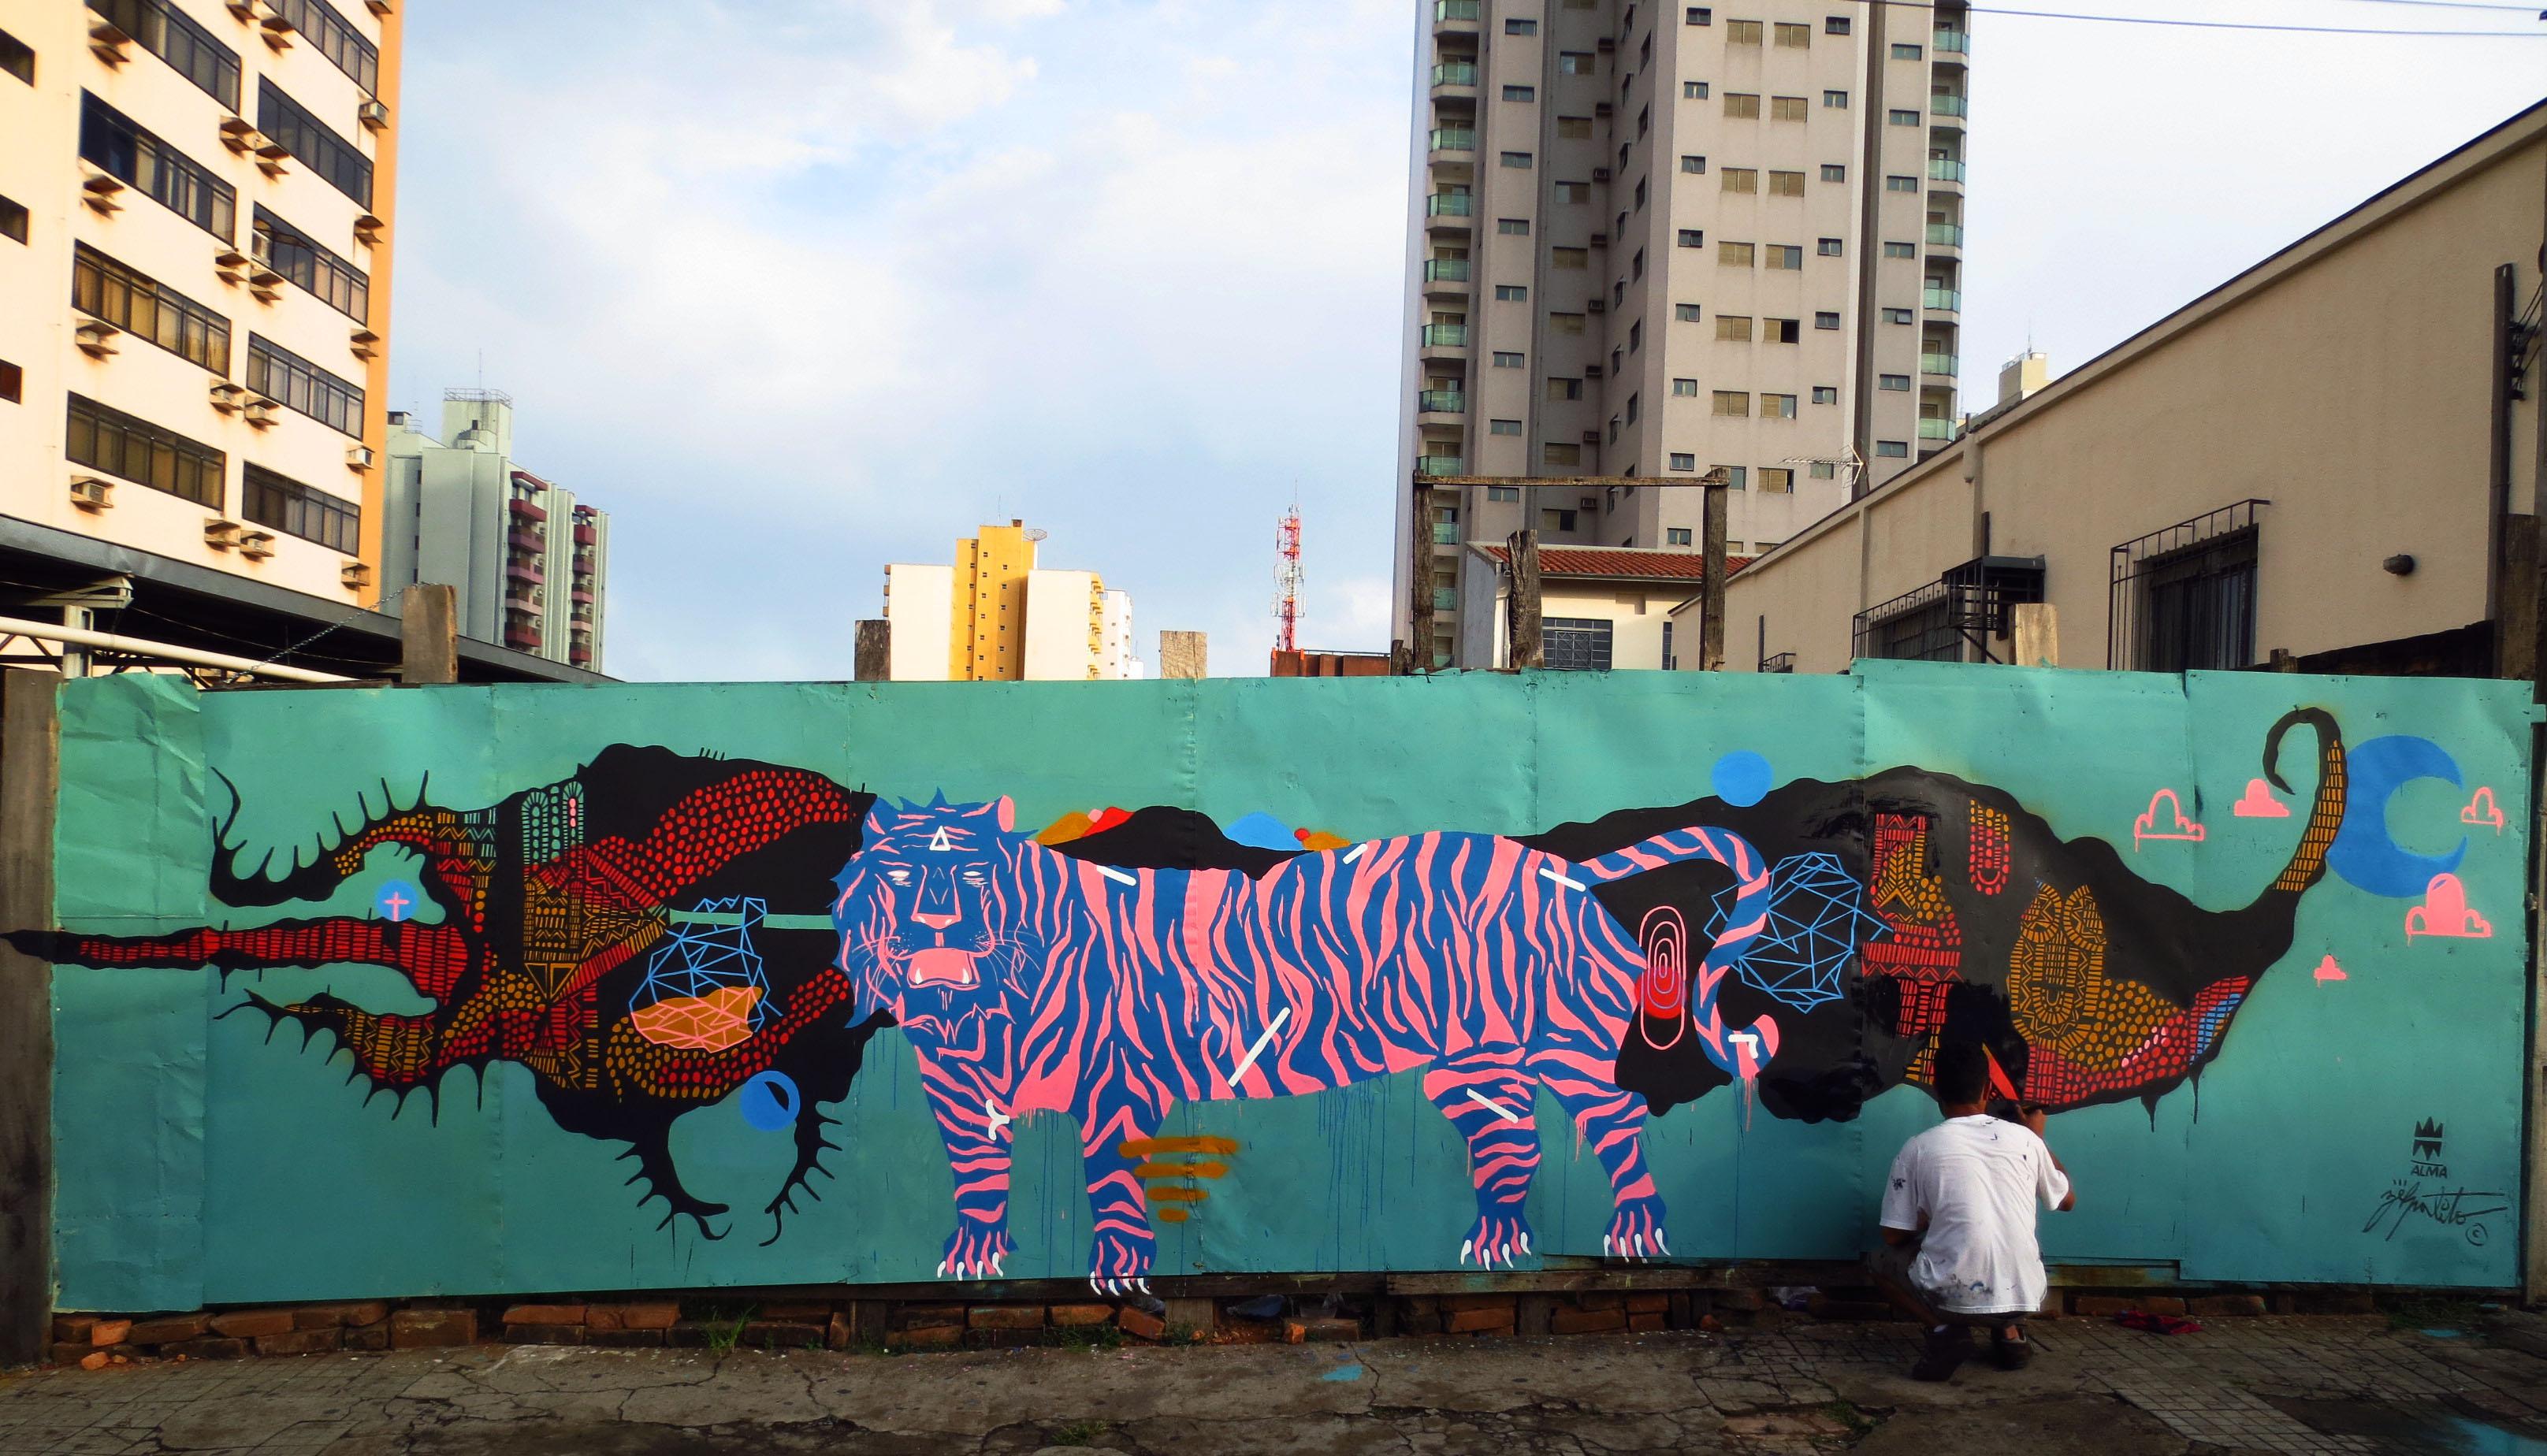 Painting Street Wall Artwork Tiger Graffiti African Art Mural ART Streetart Contemporaryart Urbanart Saopaulo Artecontemporanea